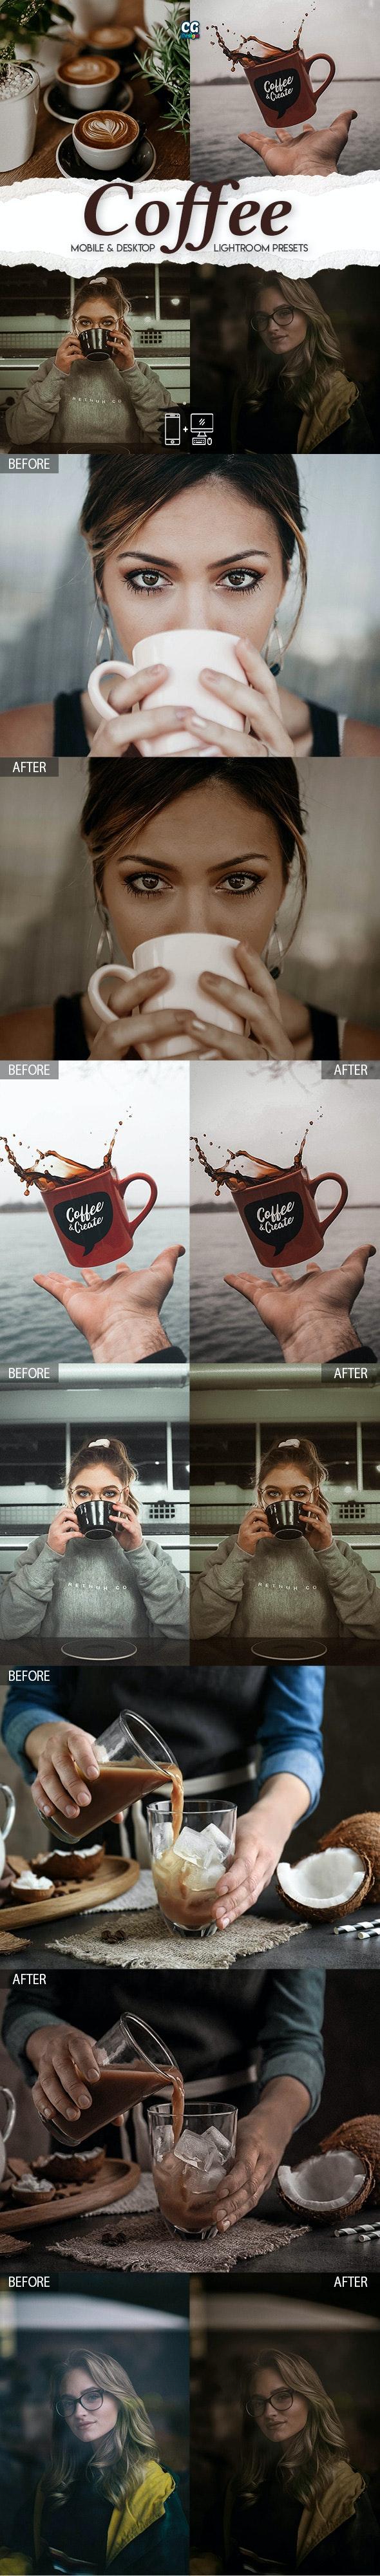 Coffee Lightroom Presets - 15 Premium Lightroom Presets - Lightroom Presets Add-ons